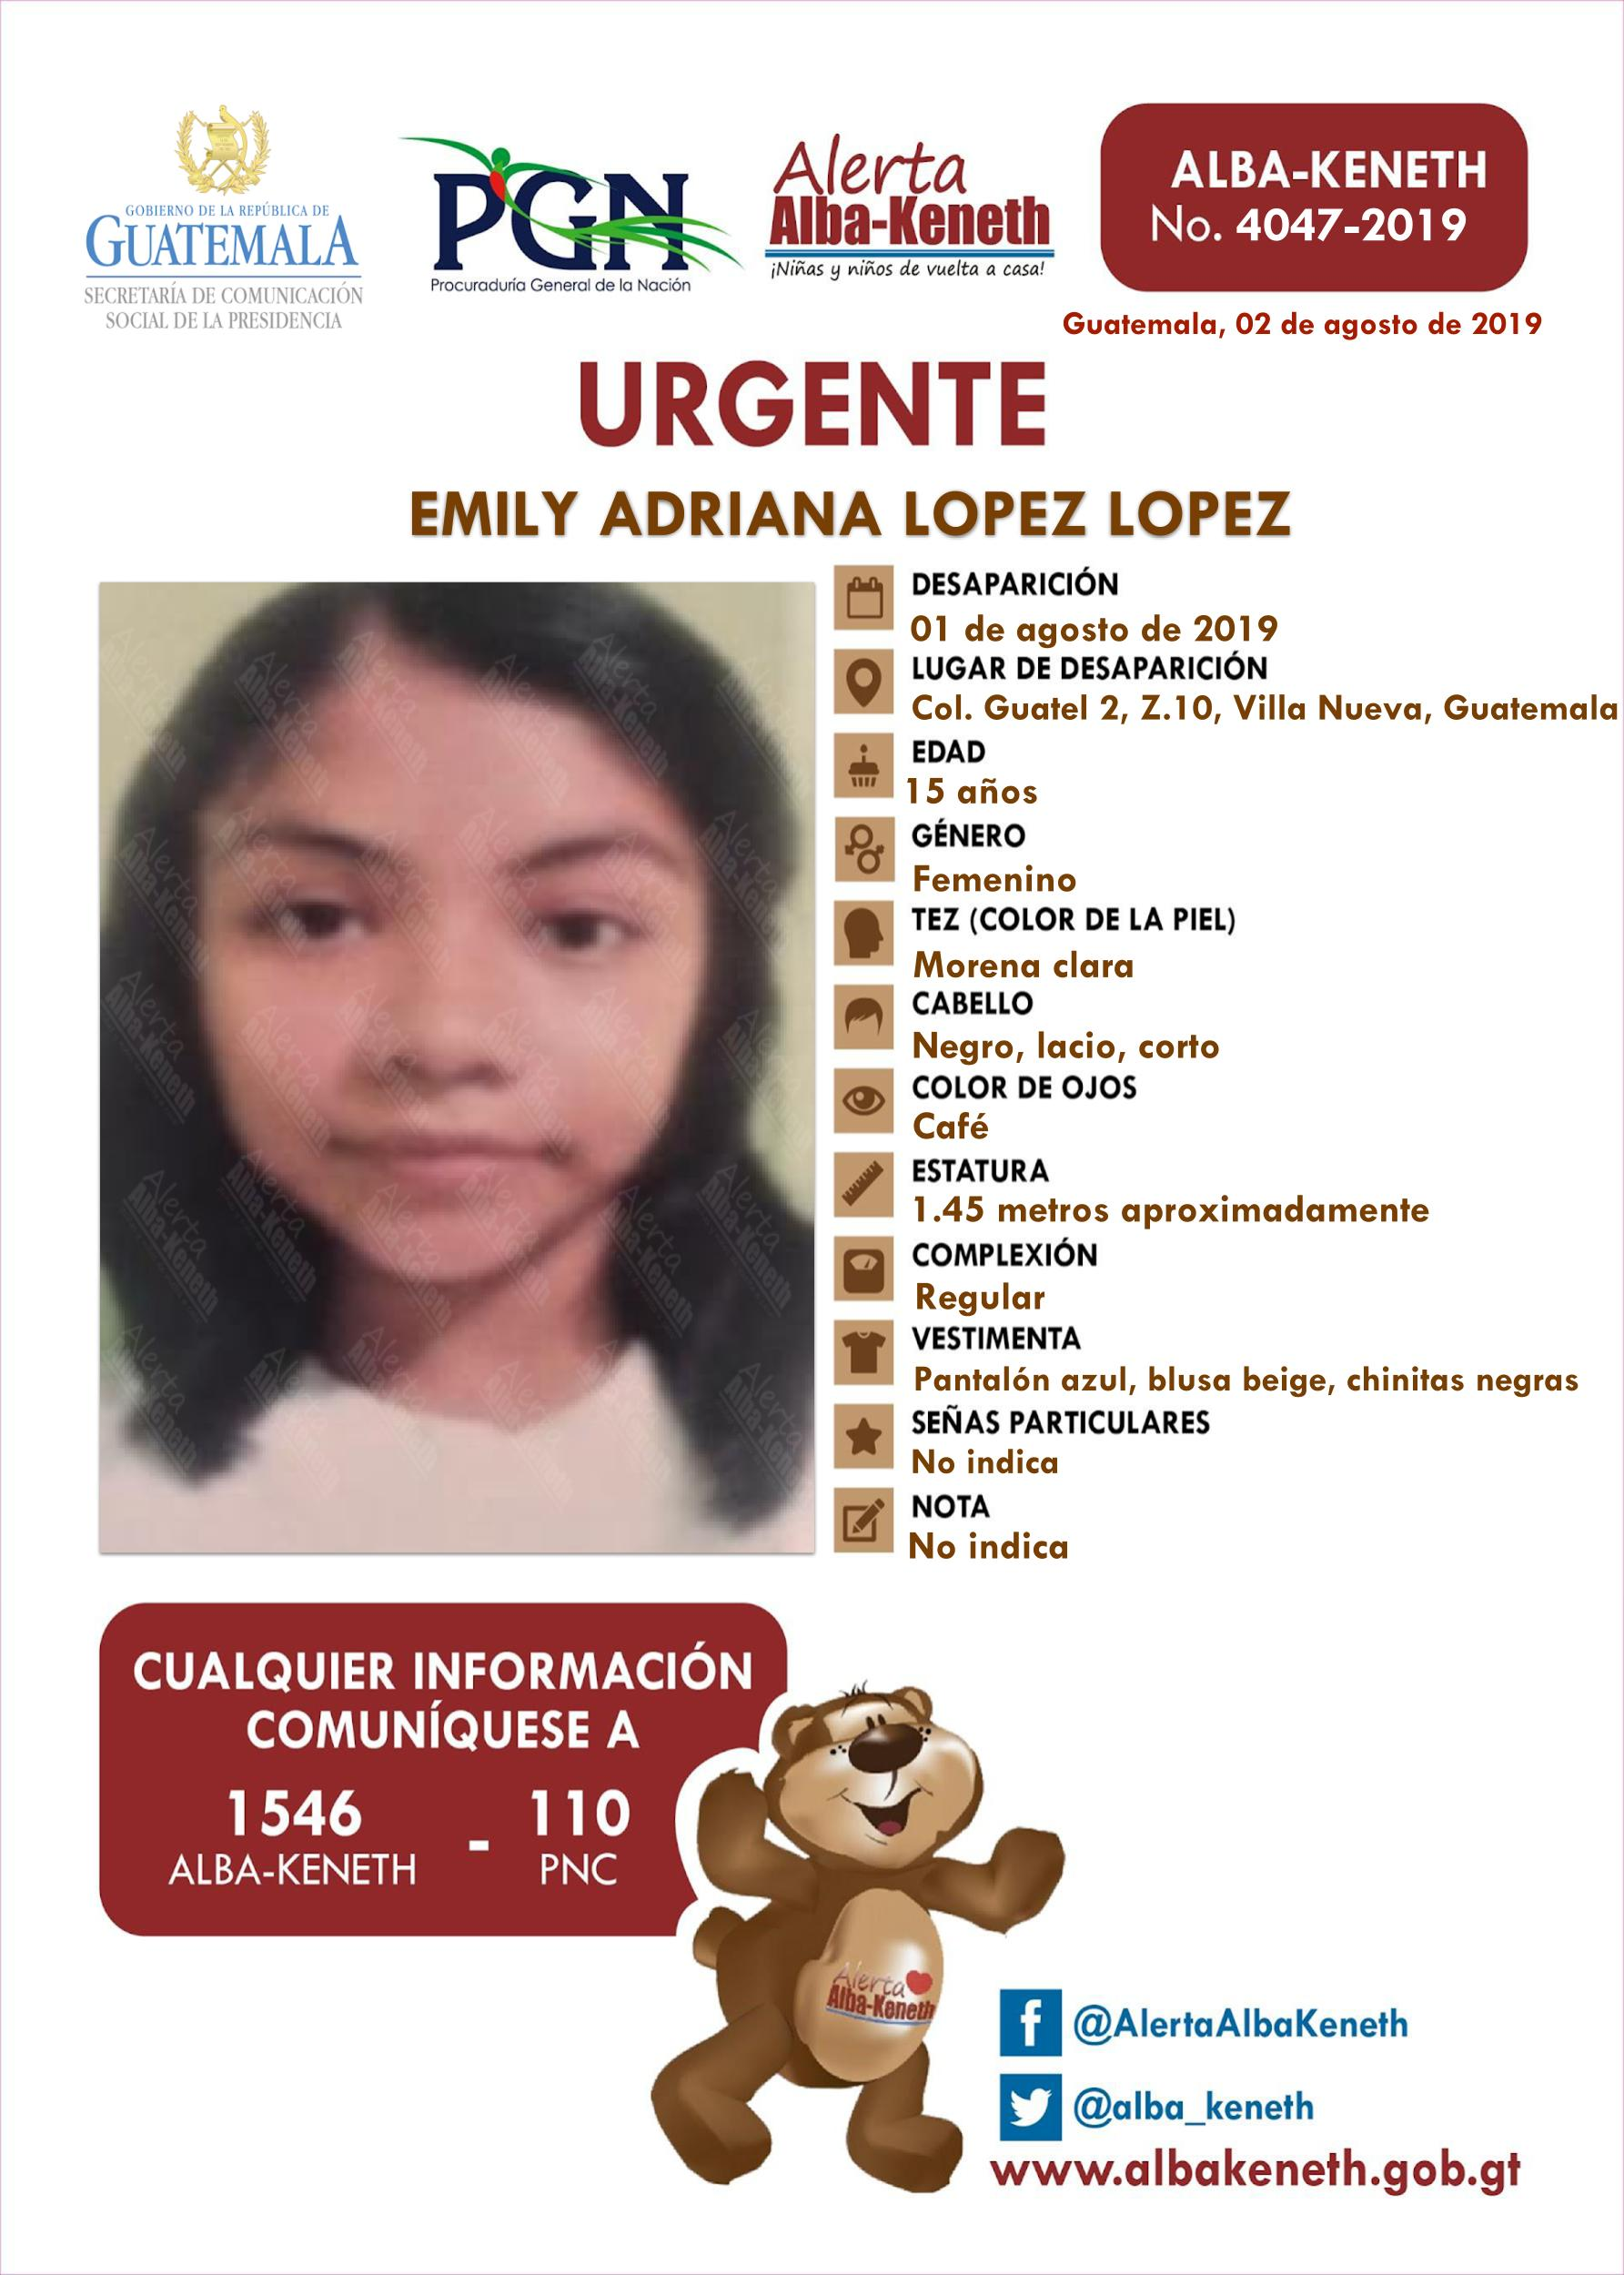 Emily Adriana Lopez Lopez